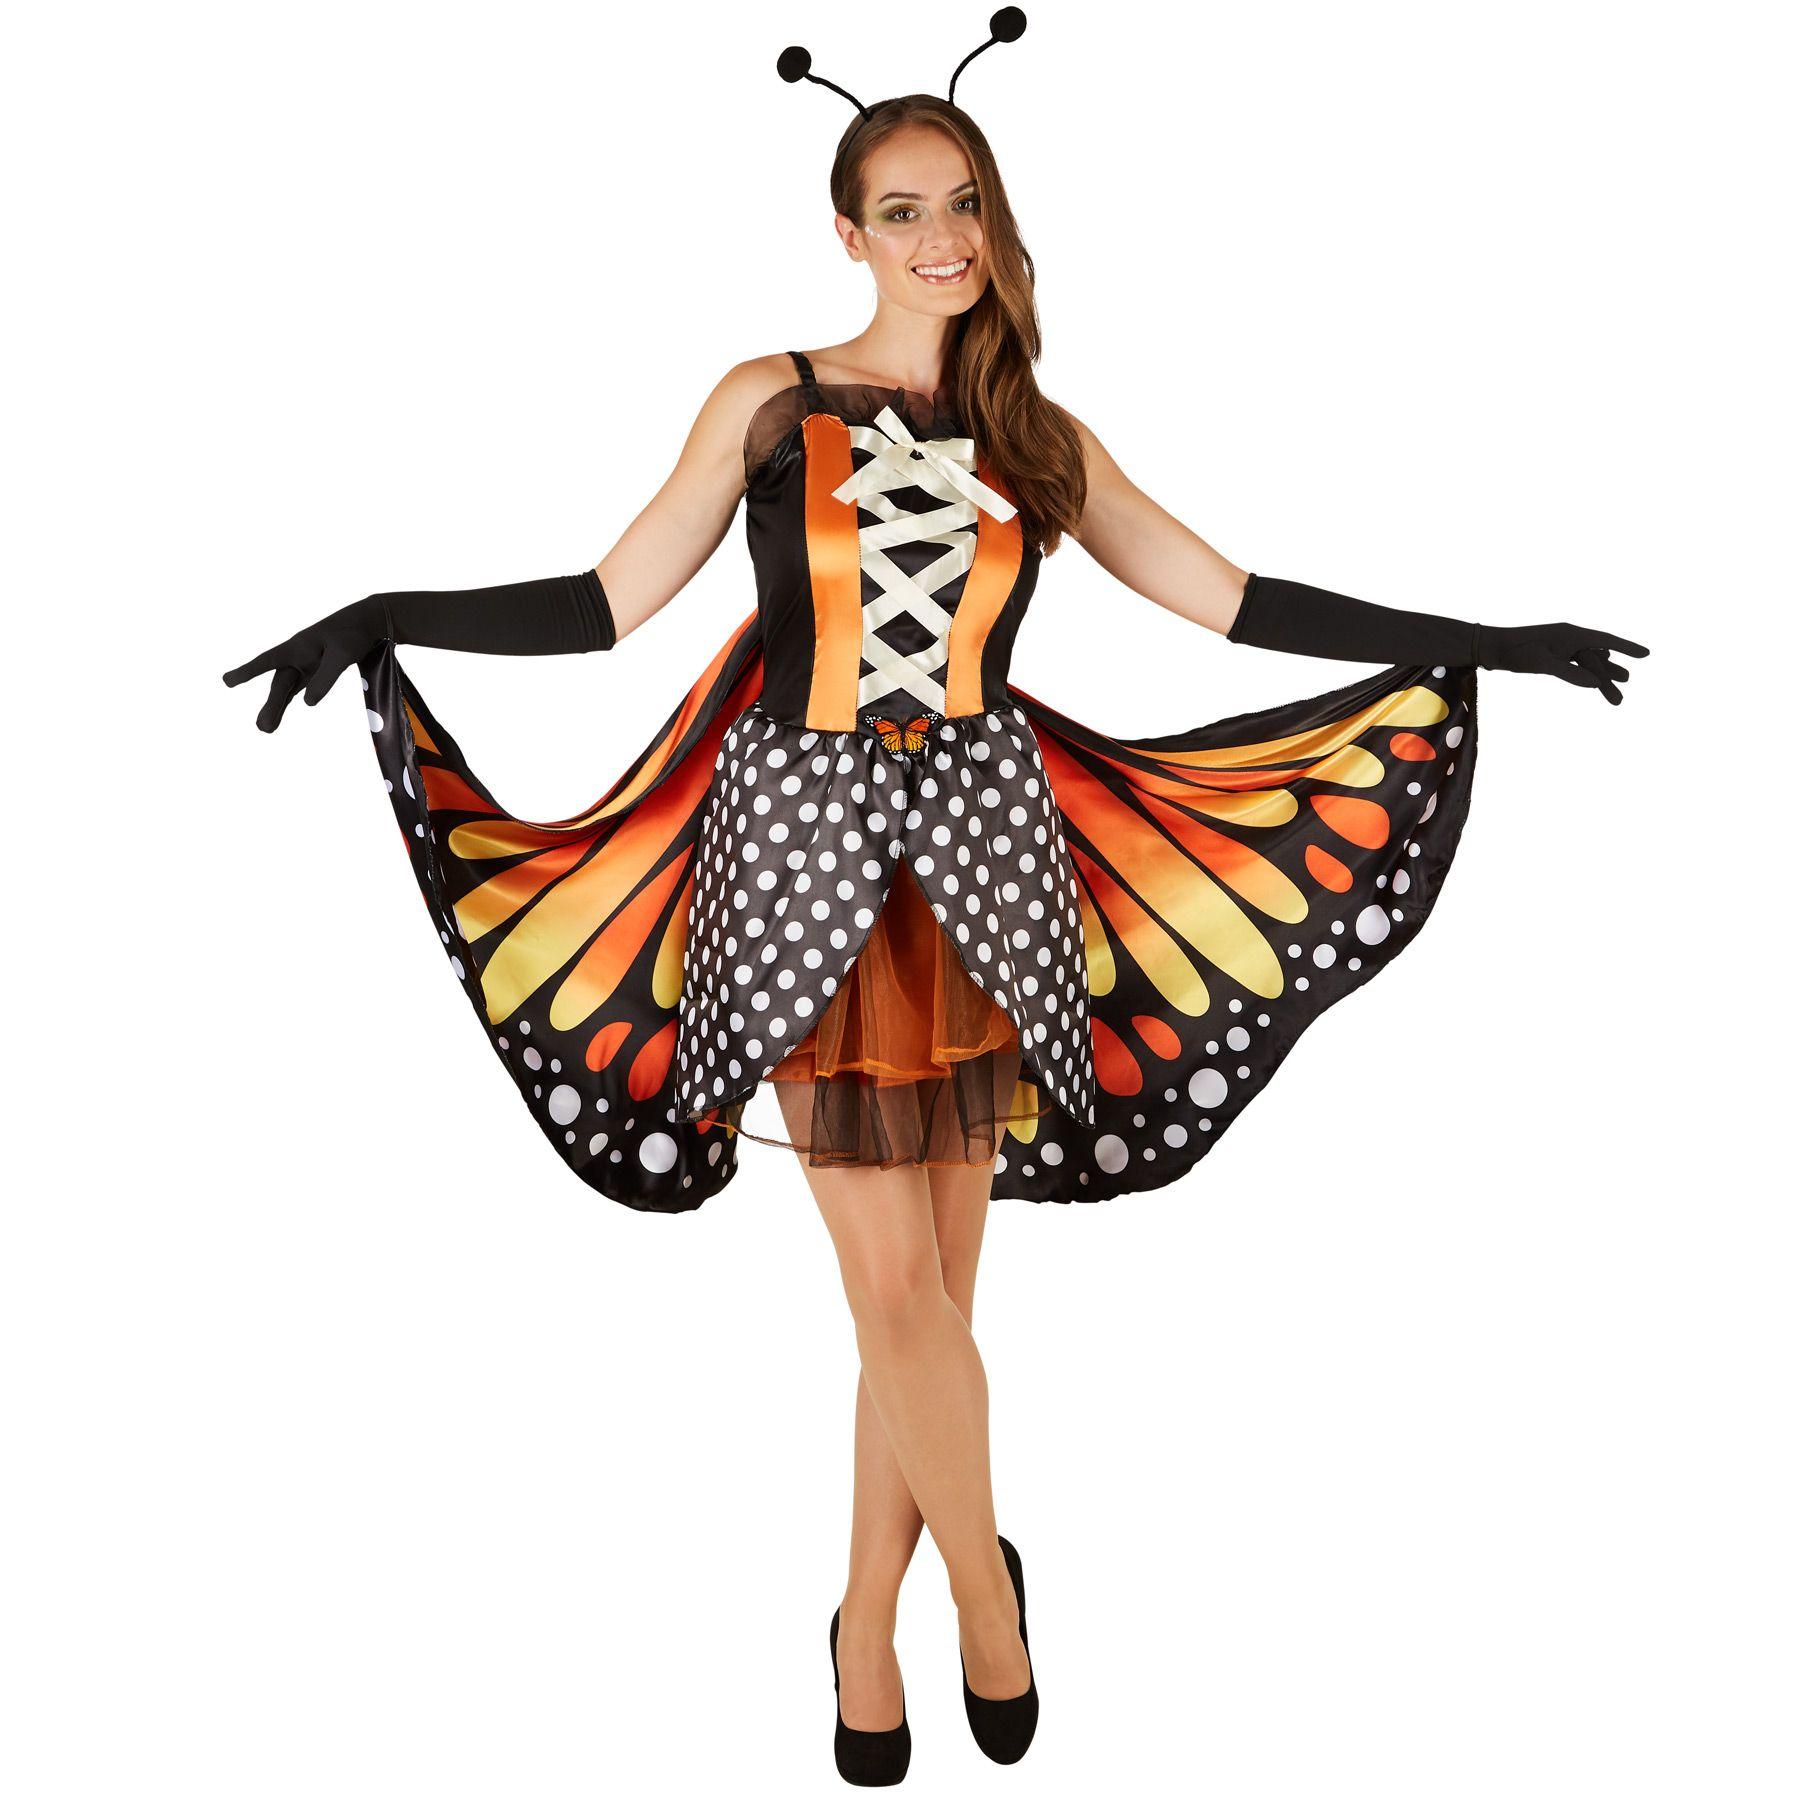 elegante nuova selezione bel design Dettagli su Costume da Donna Farfalla Aglais Insetto Vestito Abito  Carnevale Halloween nuovo